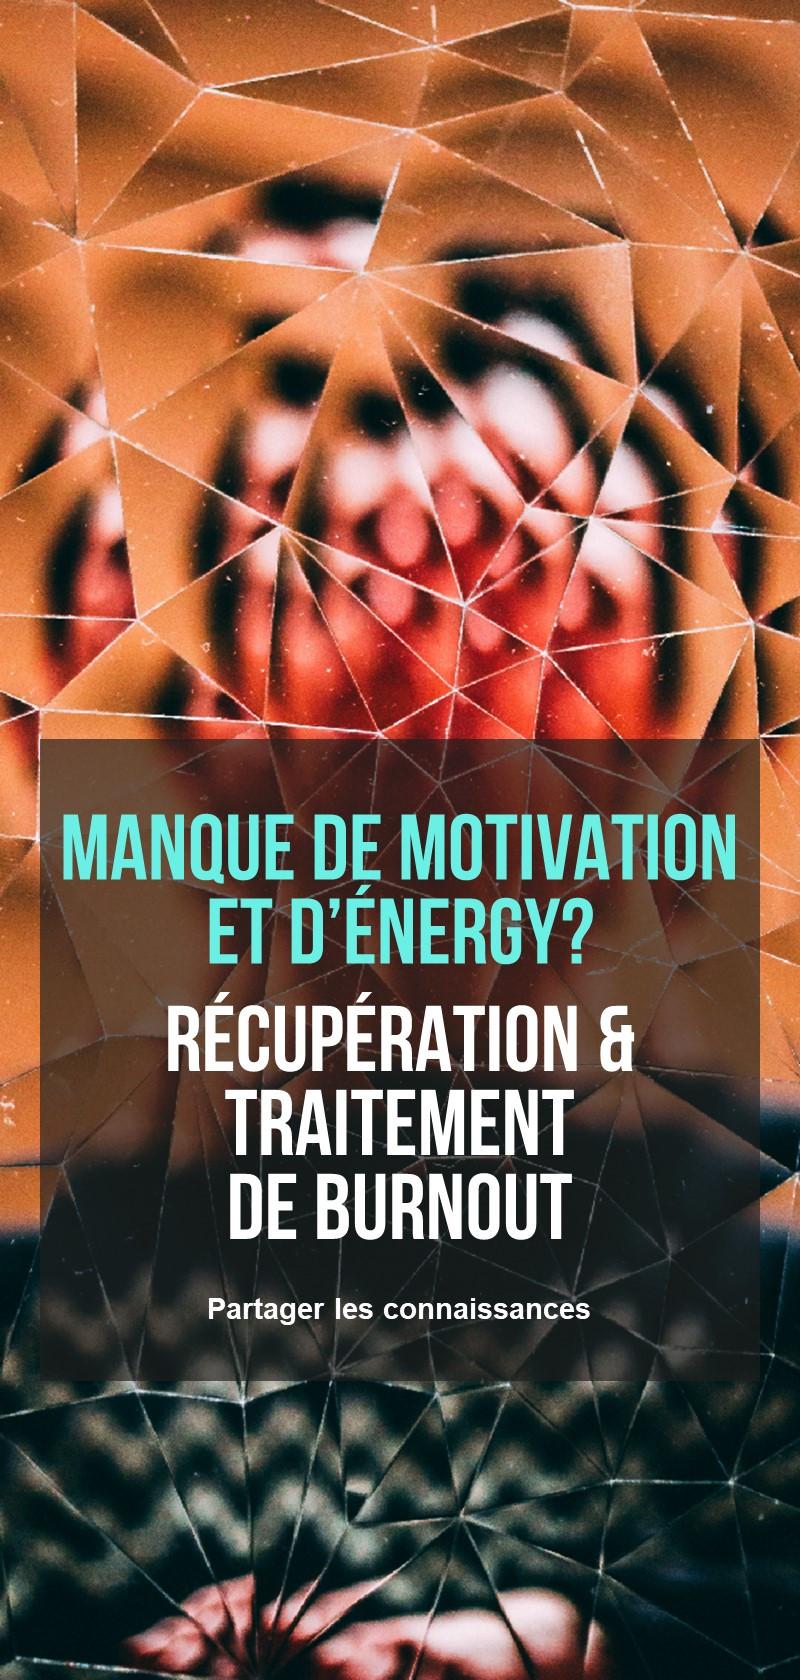 Récupération & traitement de burnout